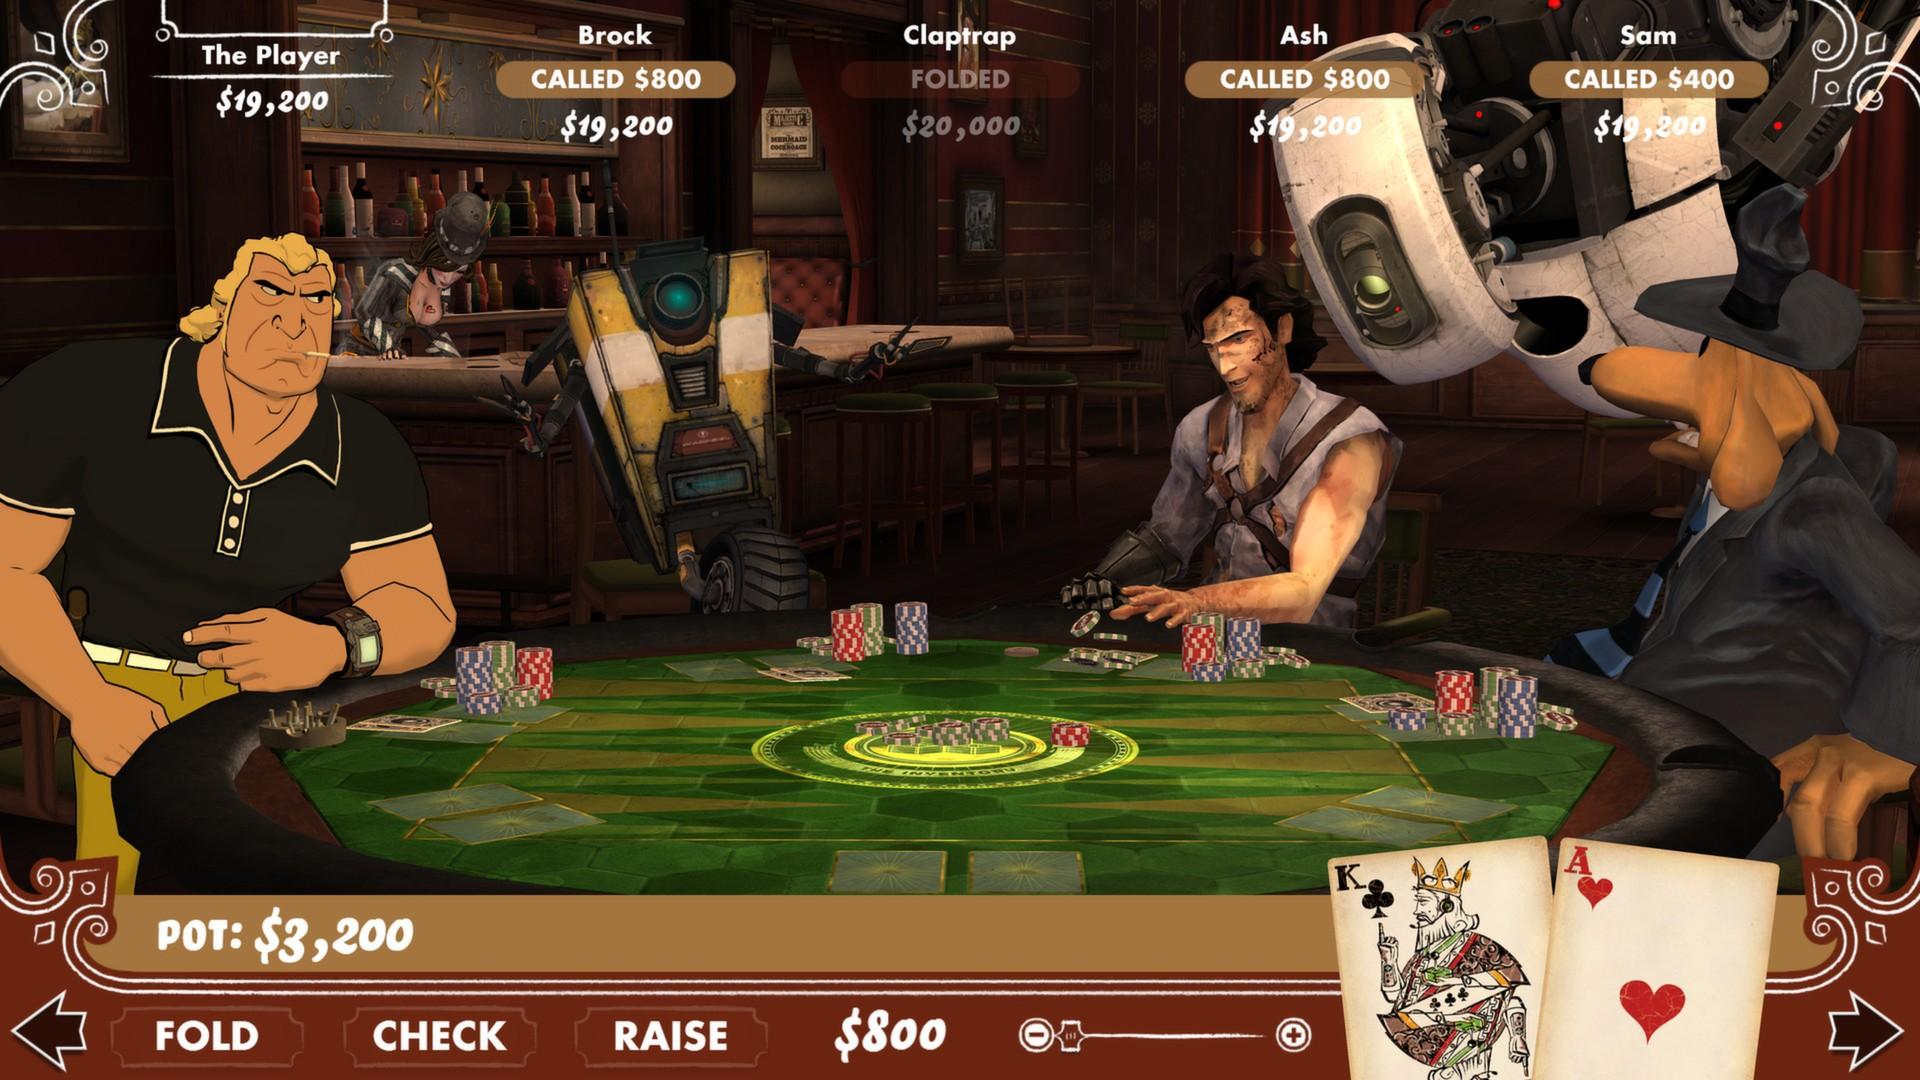 Jugar al poker sin apostar dinero de verdad